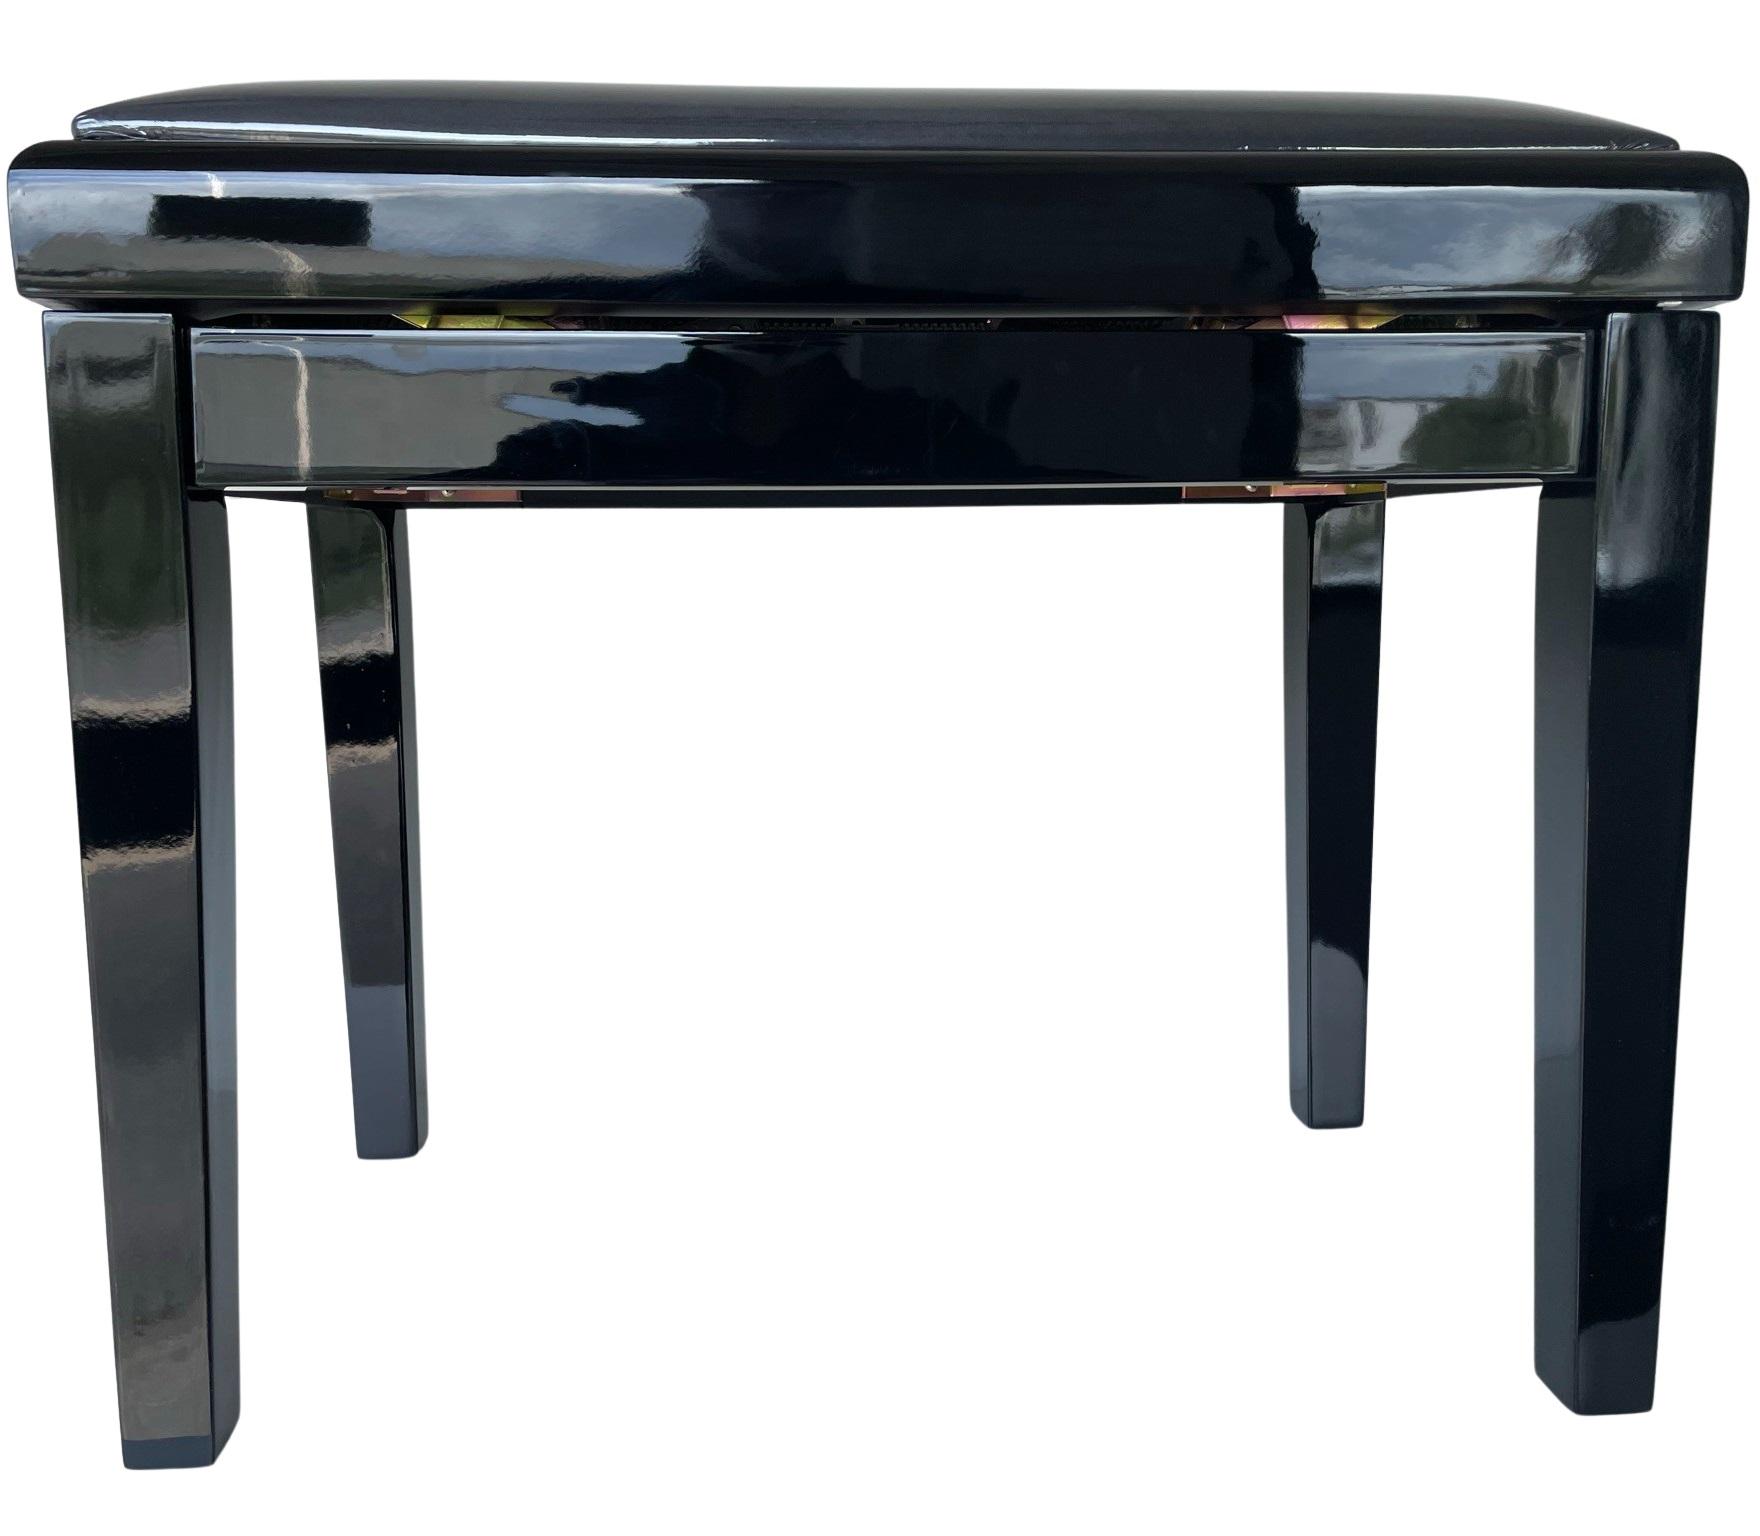 EXTREME PB100BK BLACK PIANO BENCH PANCHETTA PER PIANOFORTE IN LEGNO FINITURA NERA LUCIDA 1